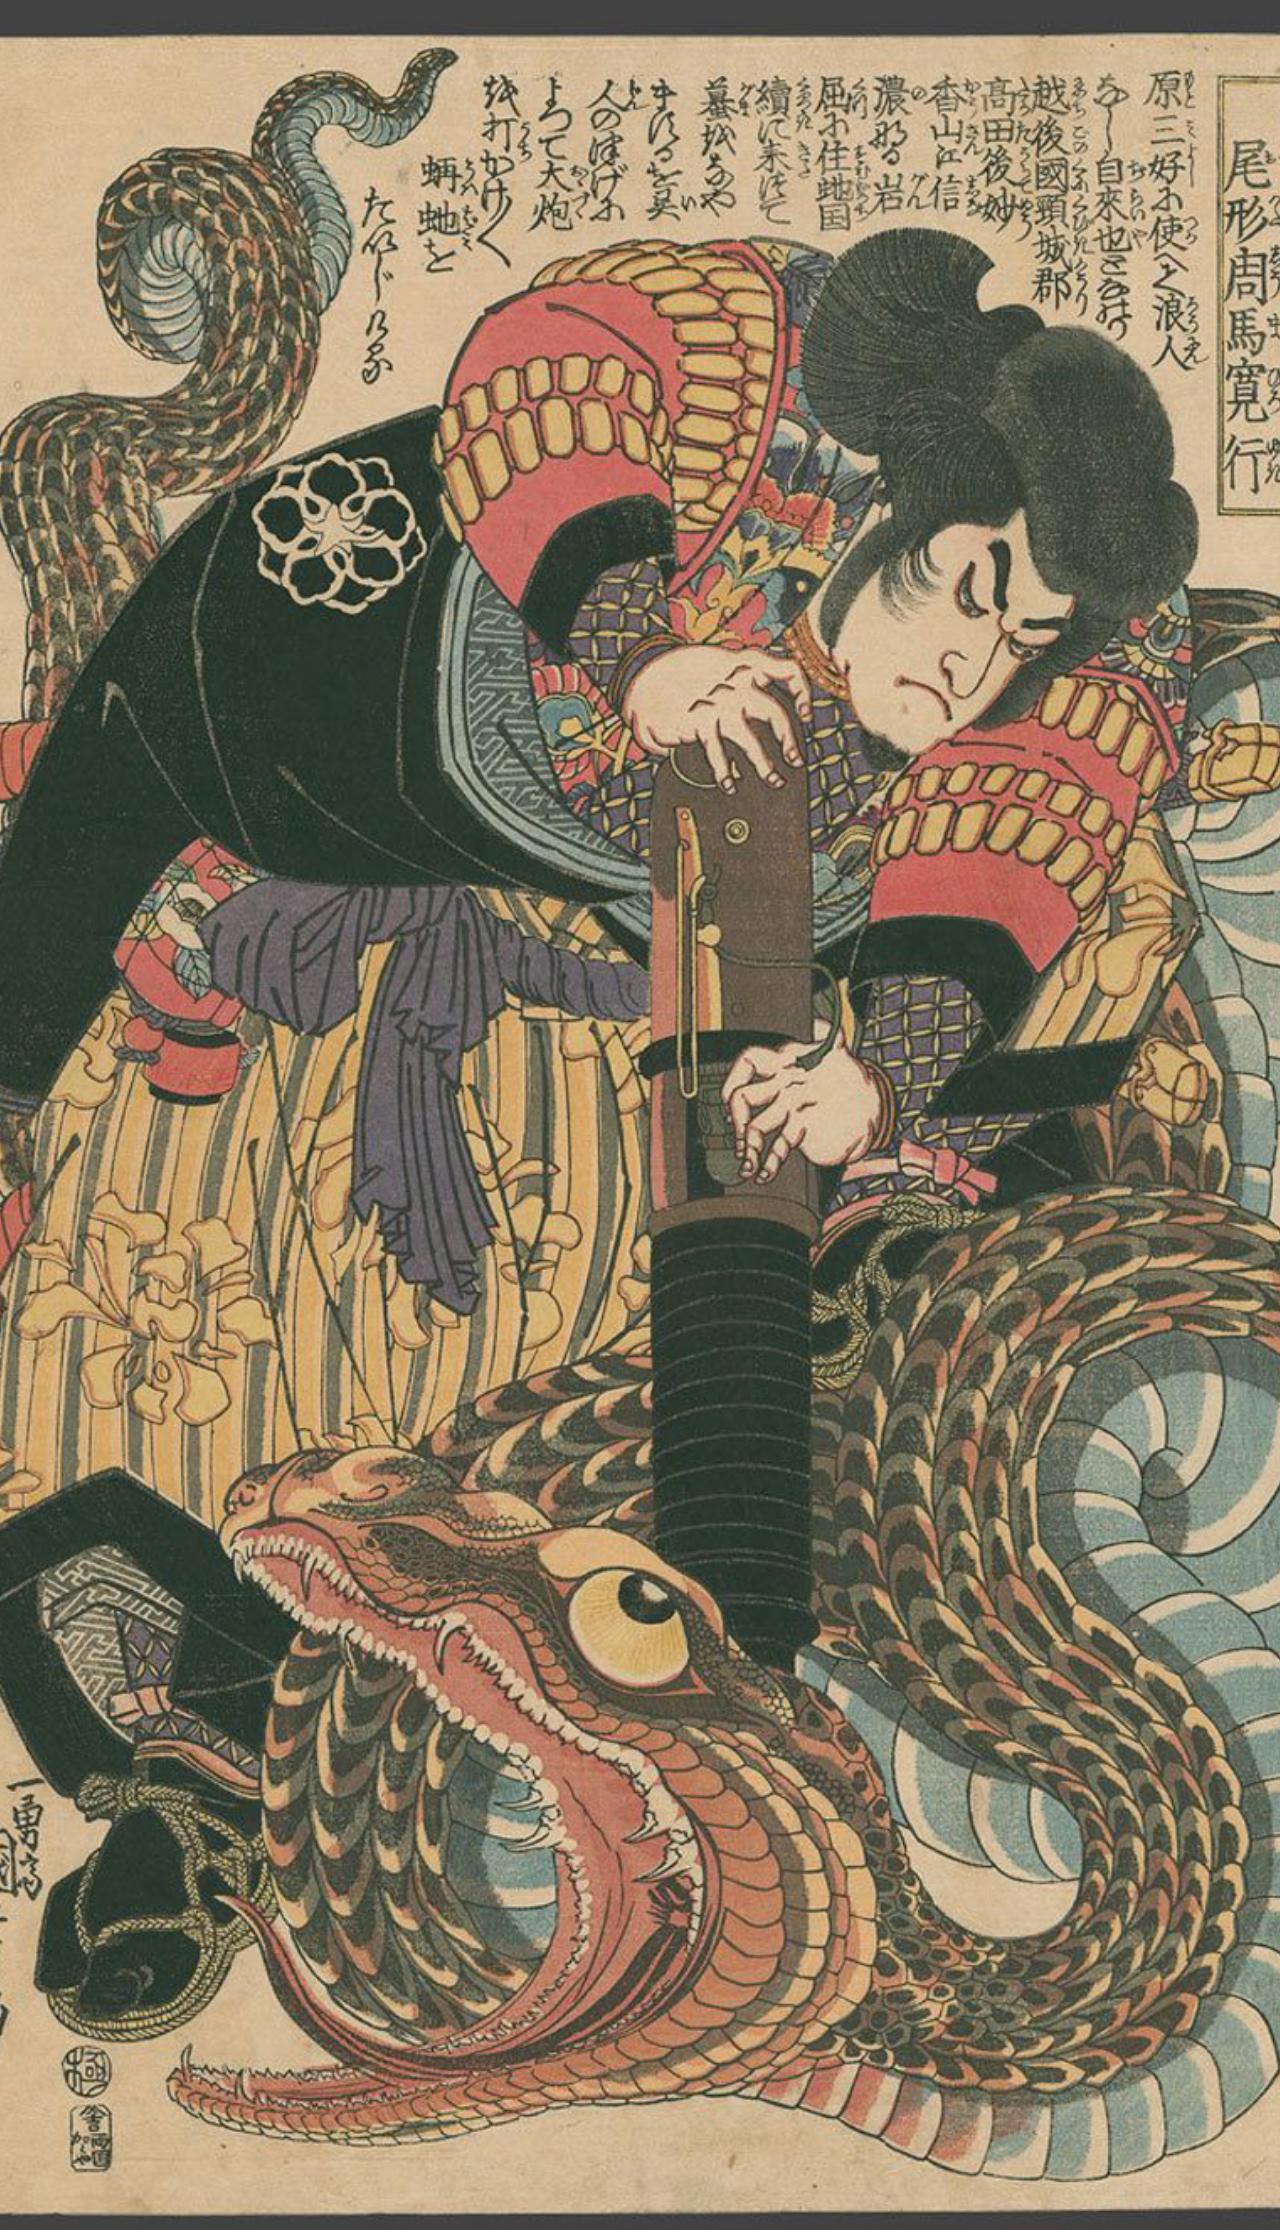 Jiraiya Goketsu Monogatari de ninja